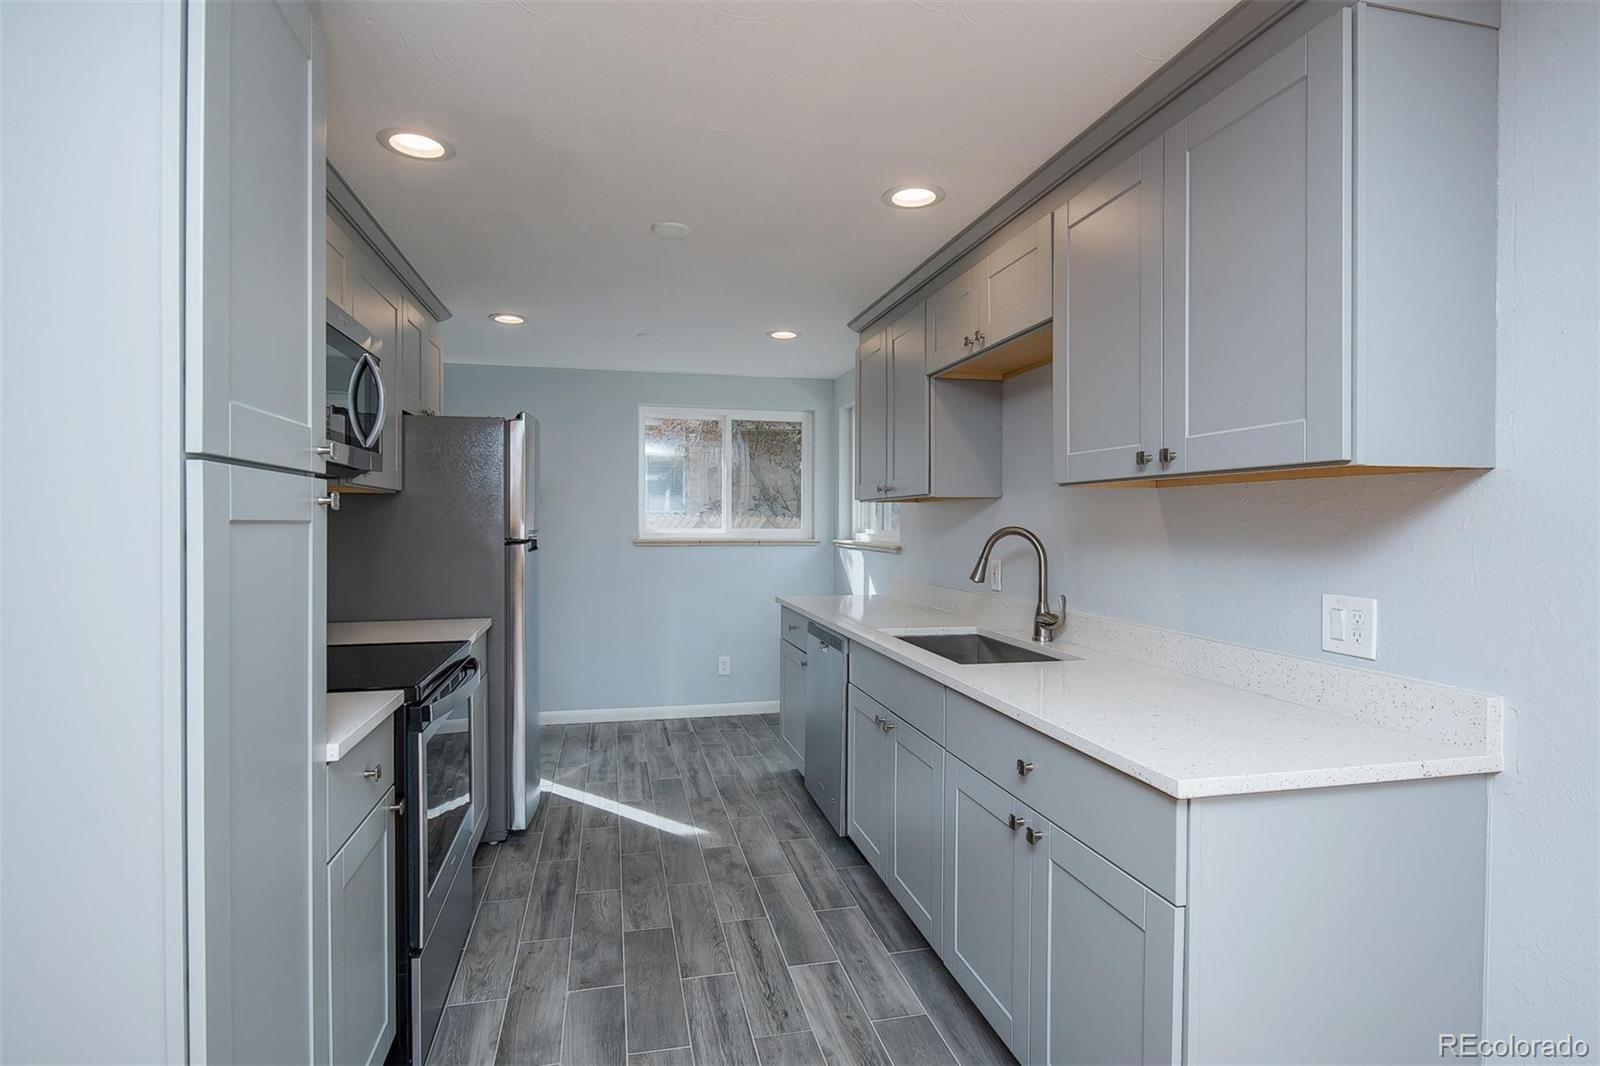 MLS# 2795033 - 8 - 2665 S Josephine Street, Denver, CO 80210